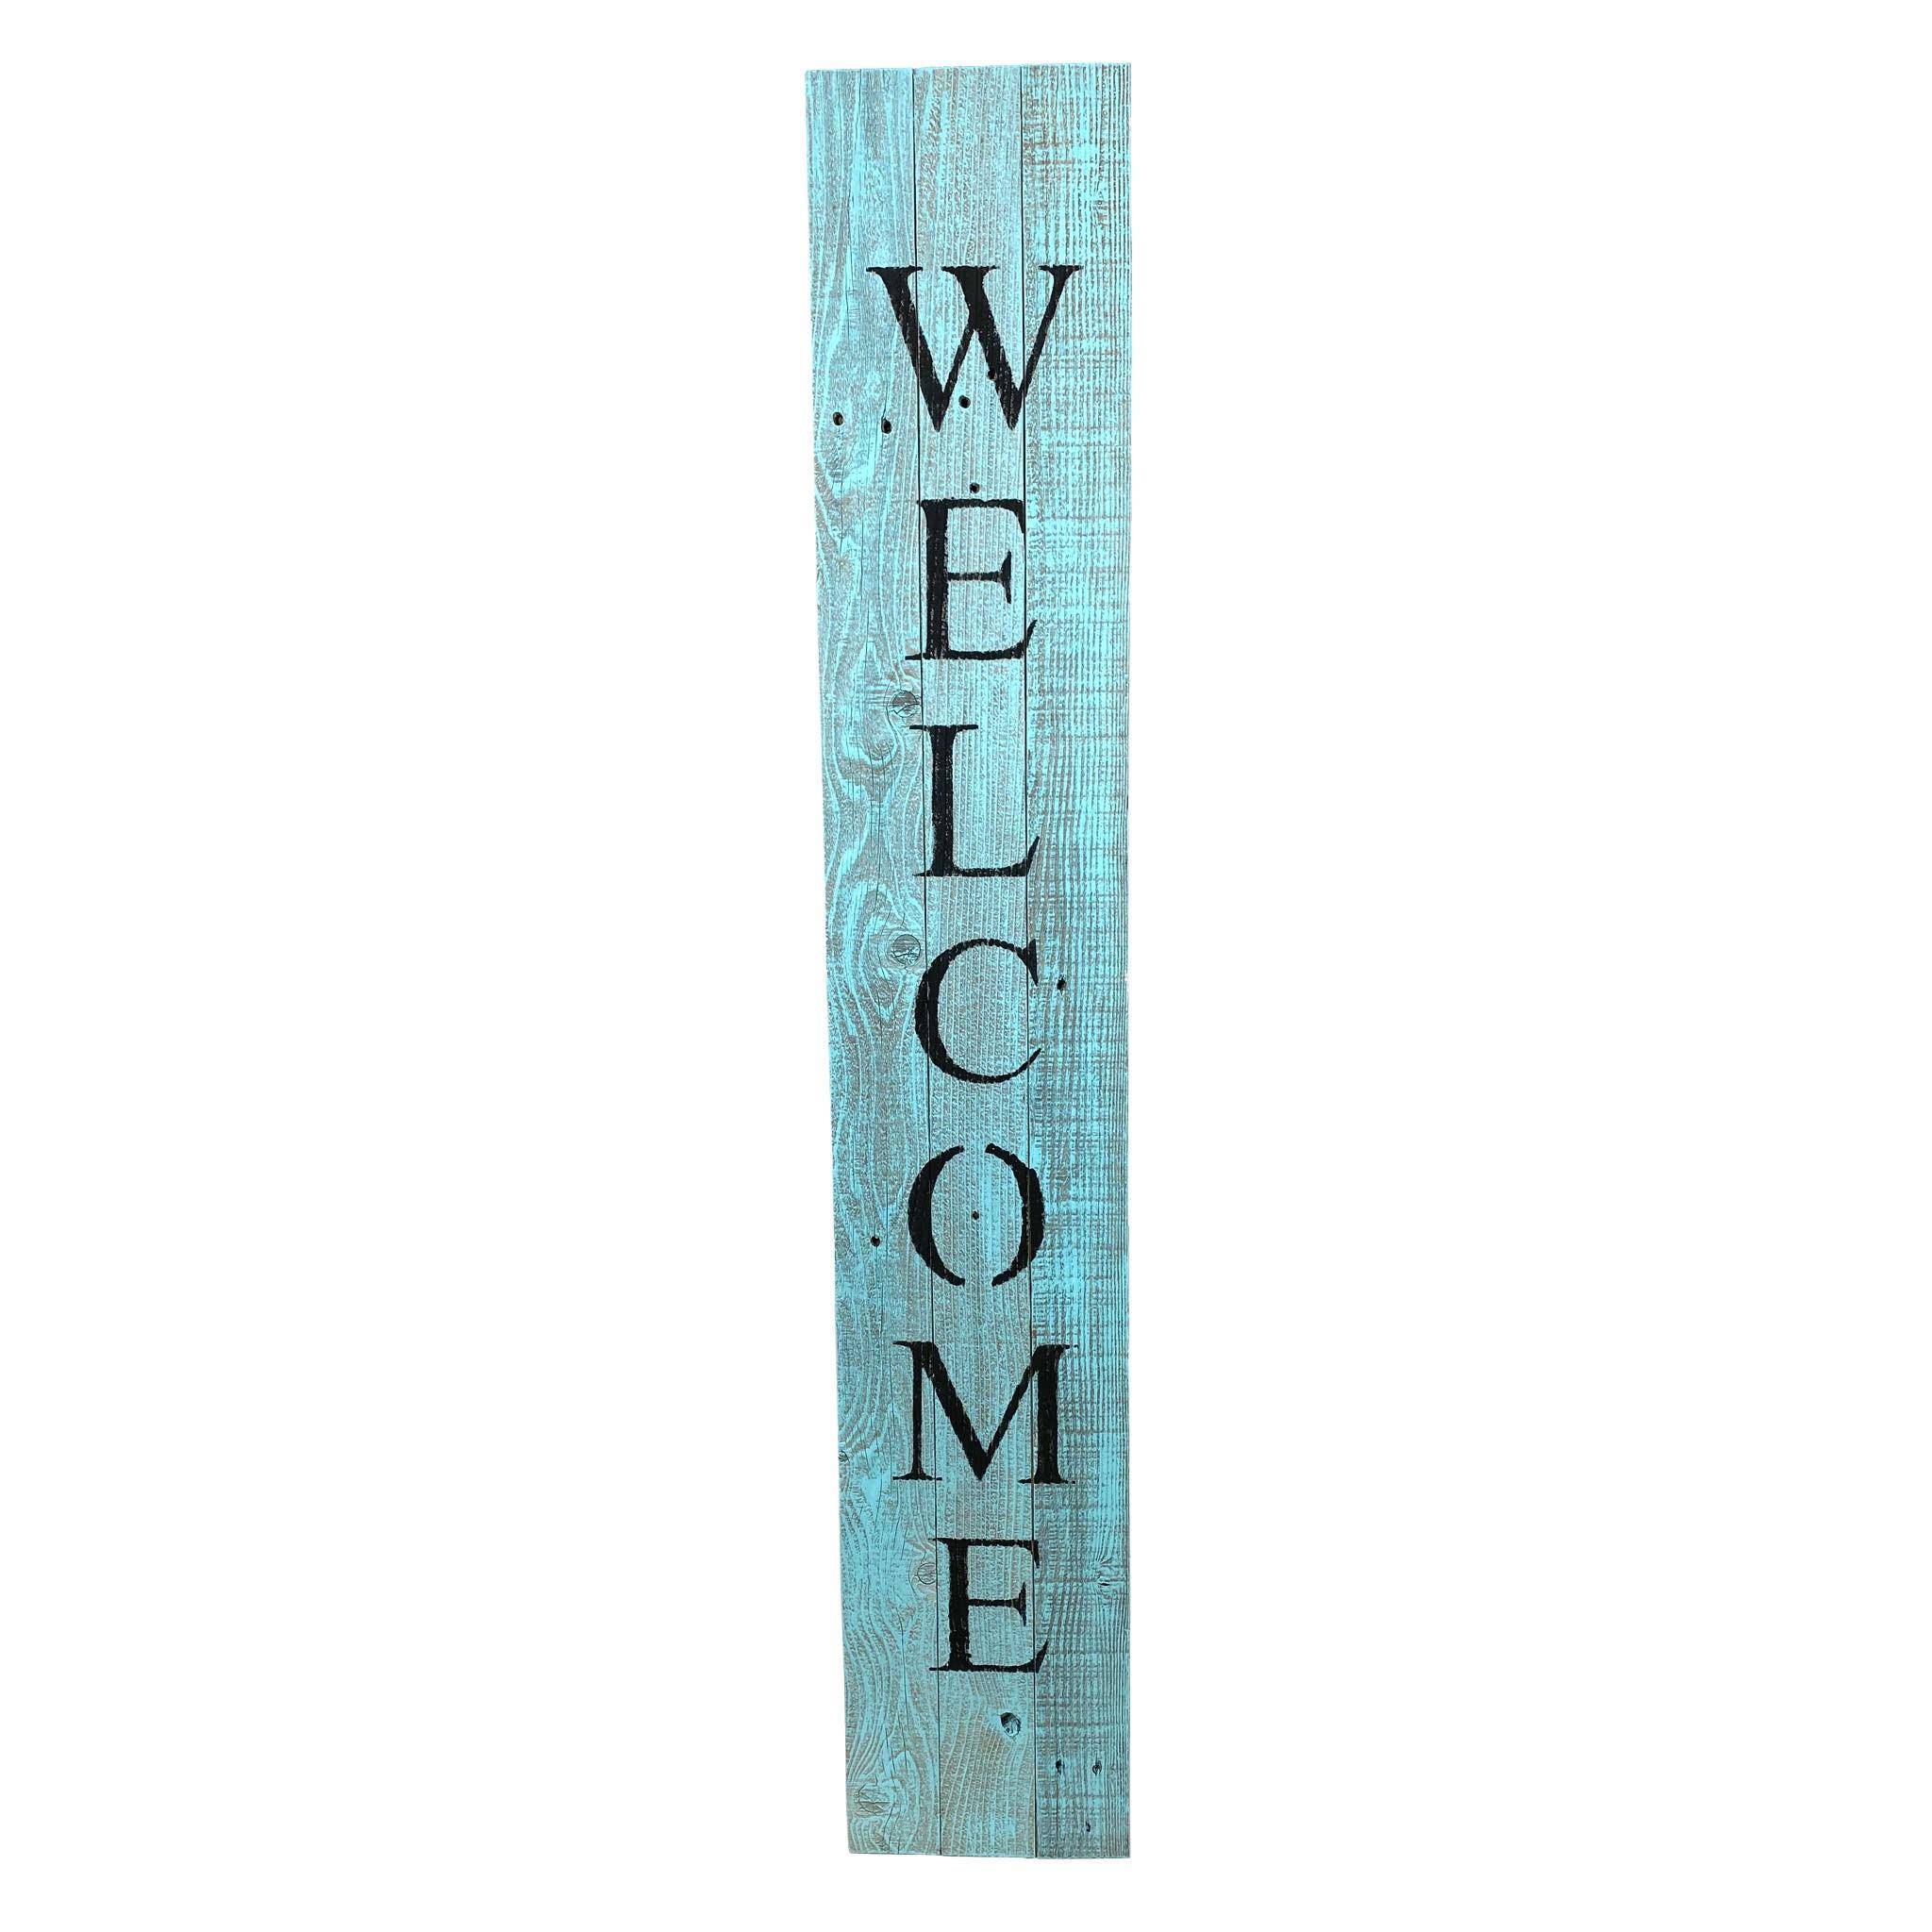 Rustic Light Aqua Blue Front Porch Welcome Sign